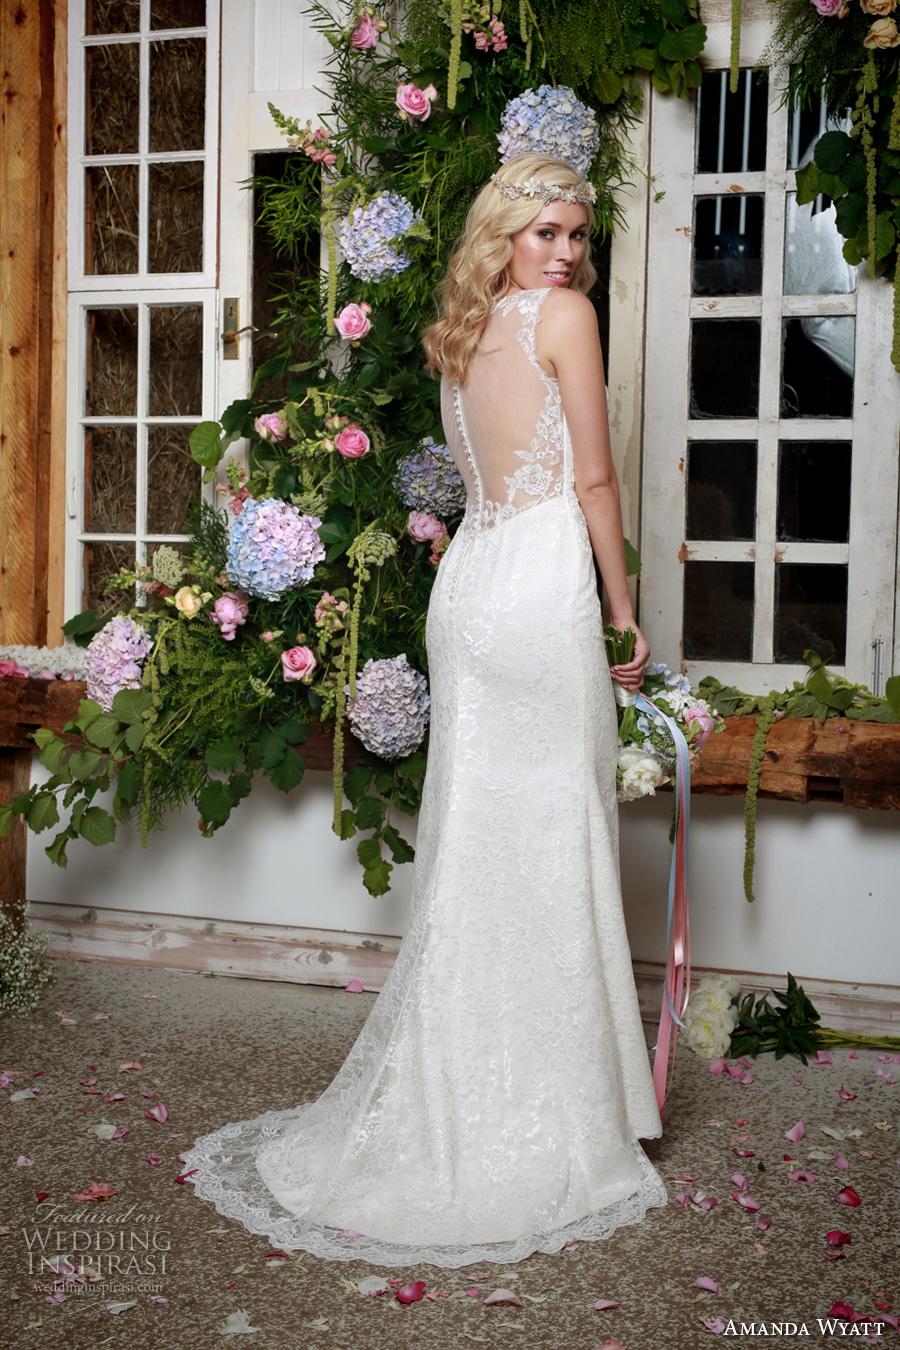 amanda wyatt 2017 bridal sleeveless illusion bateau deep plunging neckline heavily embellished bodice elegant sheath wedding dress illusion back sweep train (shiloh) bv